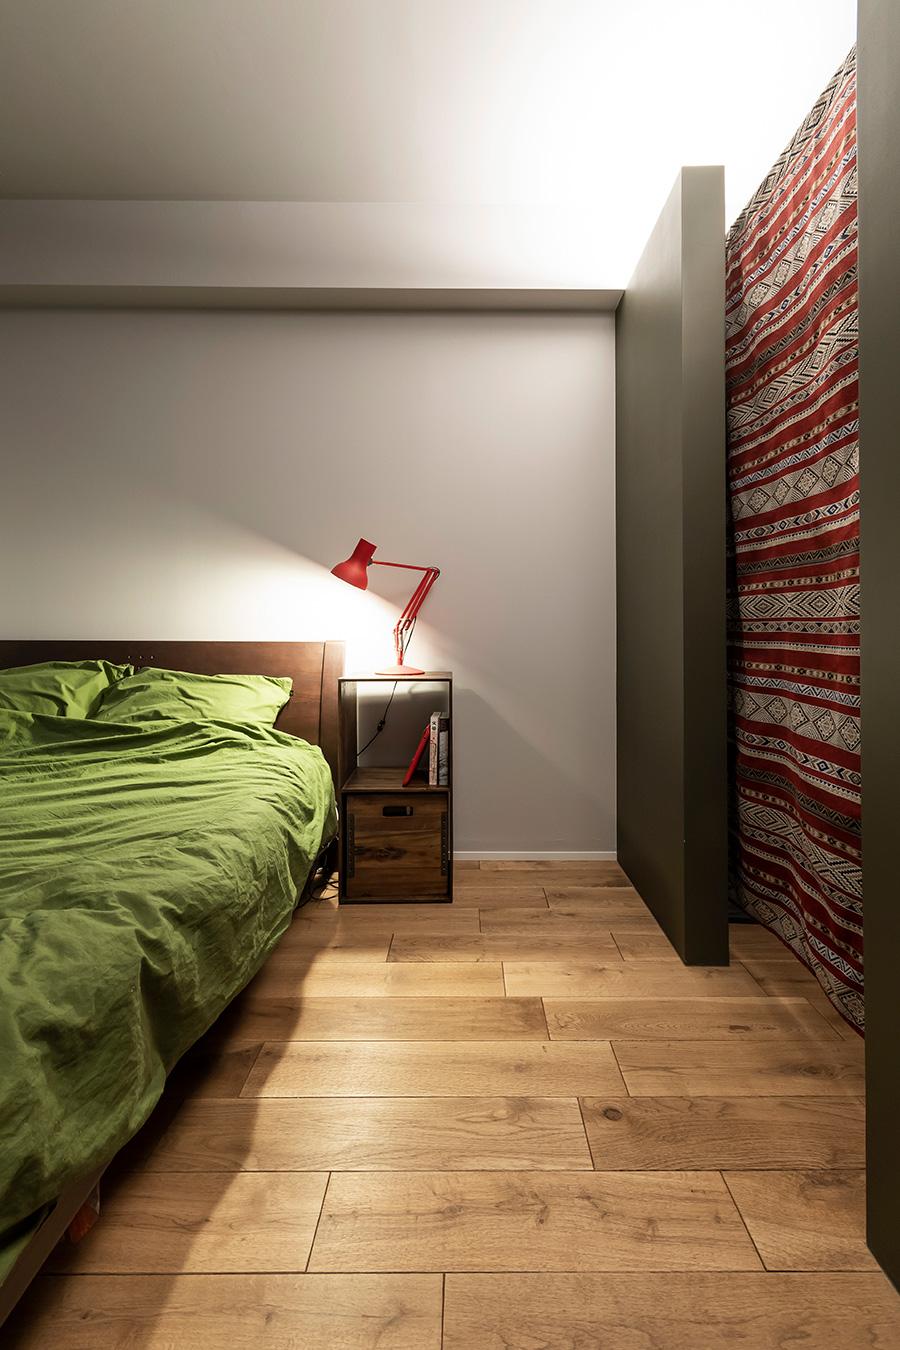 寝室の内装には木材を使い、温かみのある空間に。